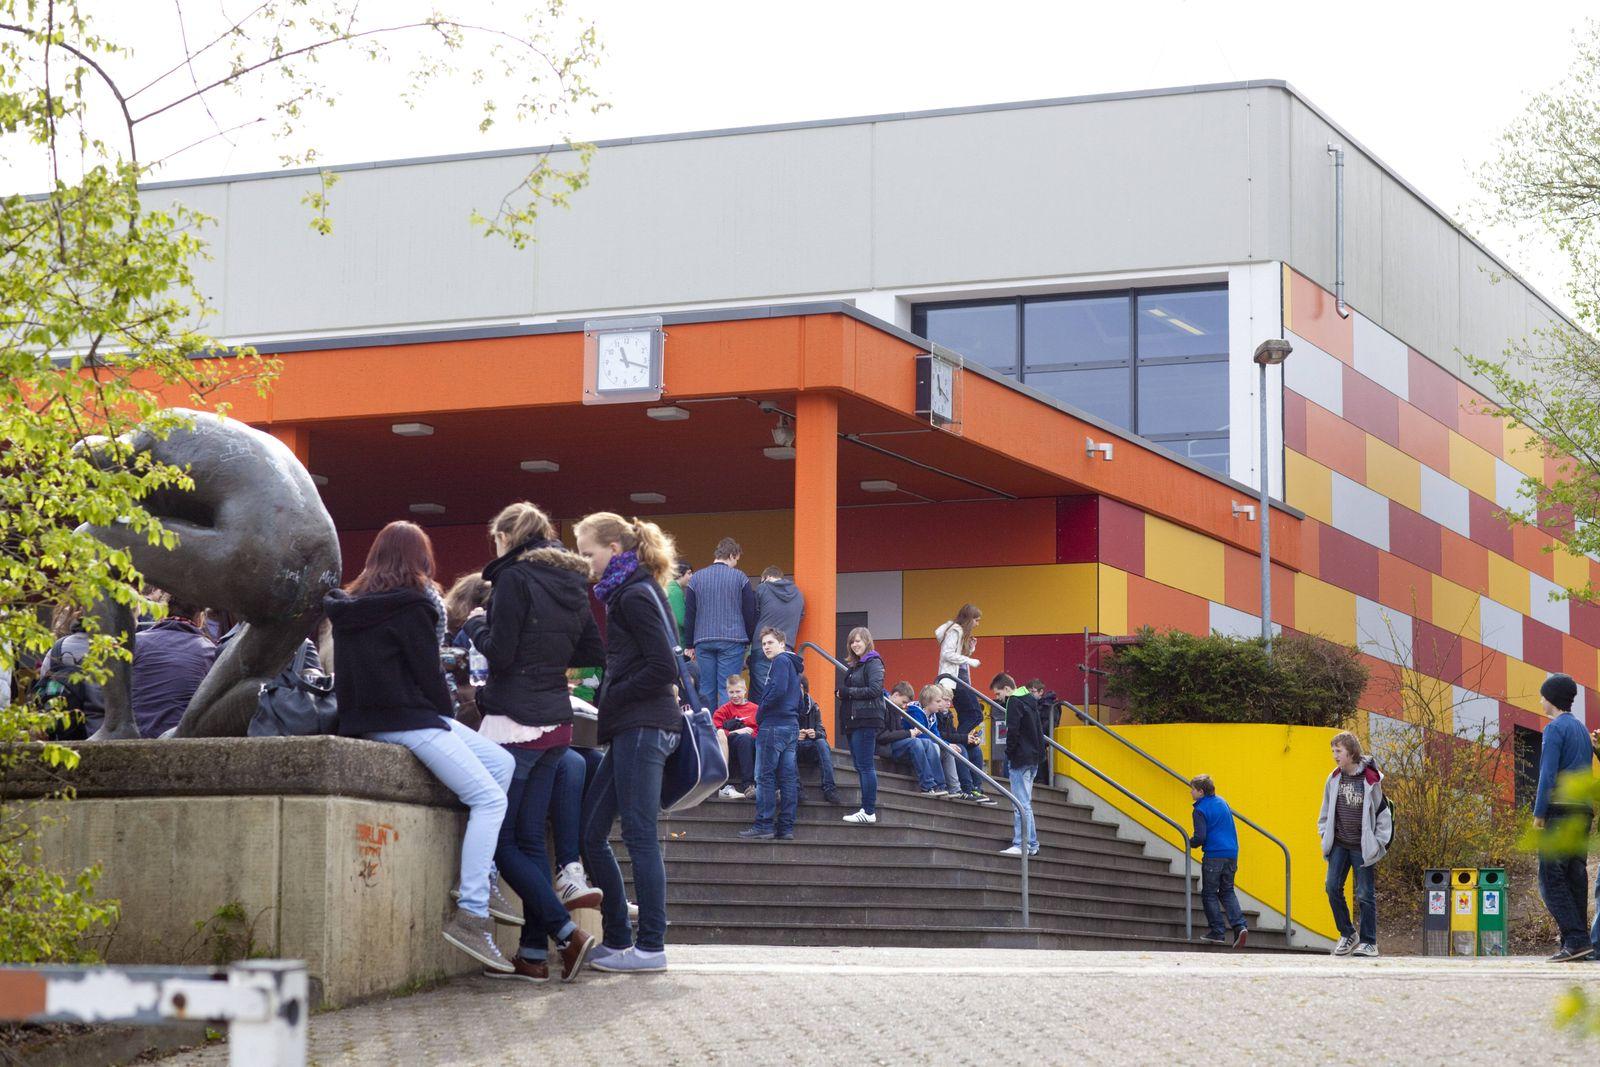 Schueler waehrend der Pause auf dem Schulhof Oberpleis Deutschland 17 04 2012 Oberpleis Deu